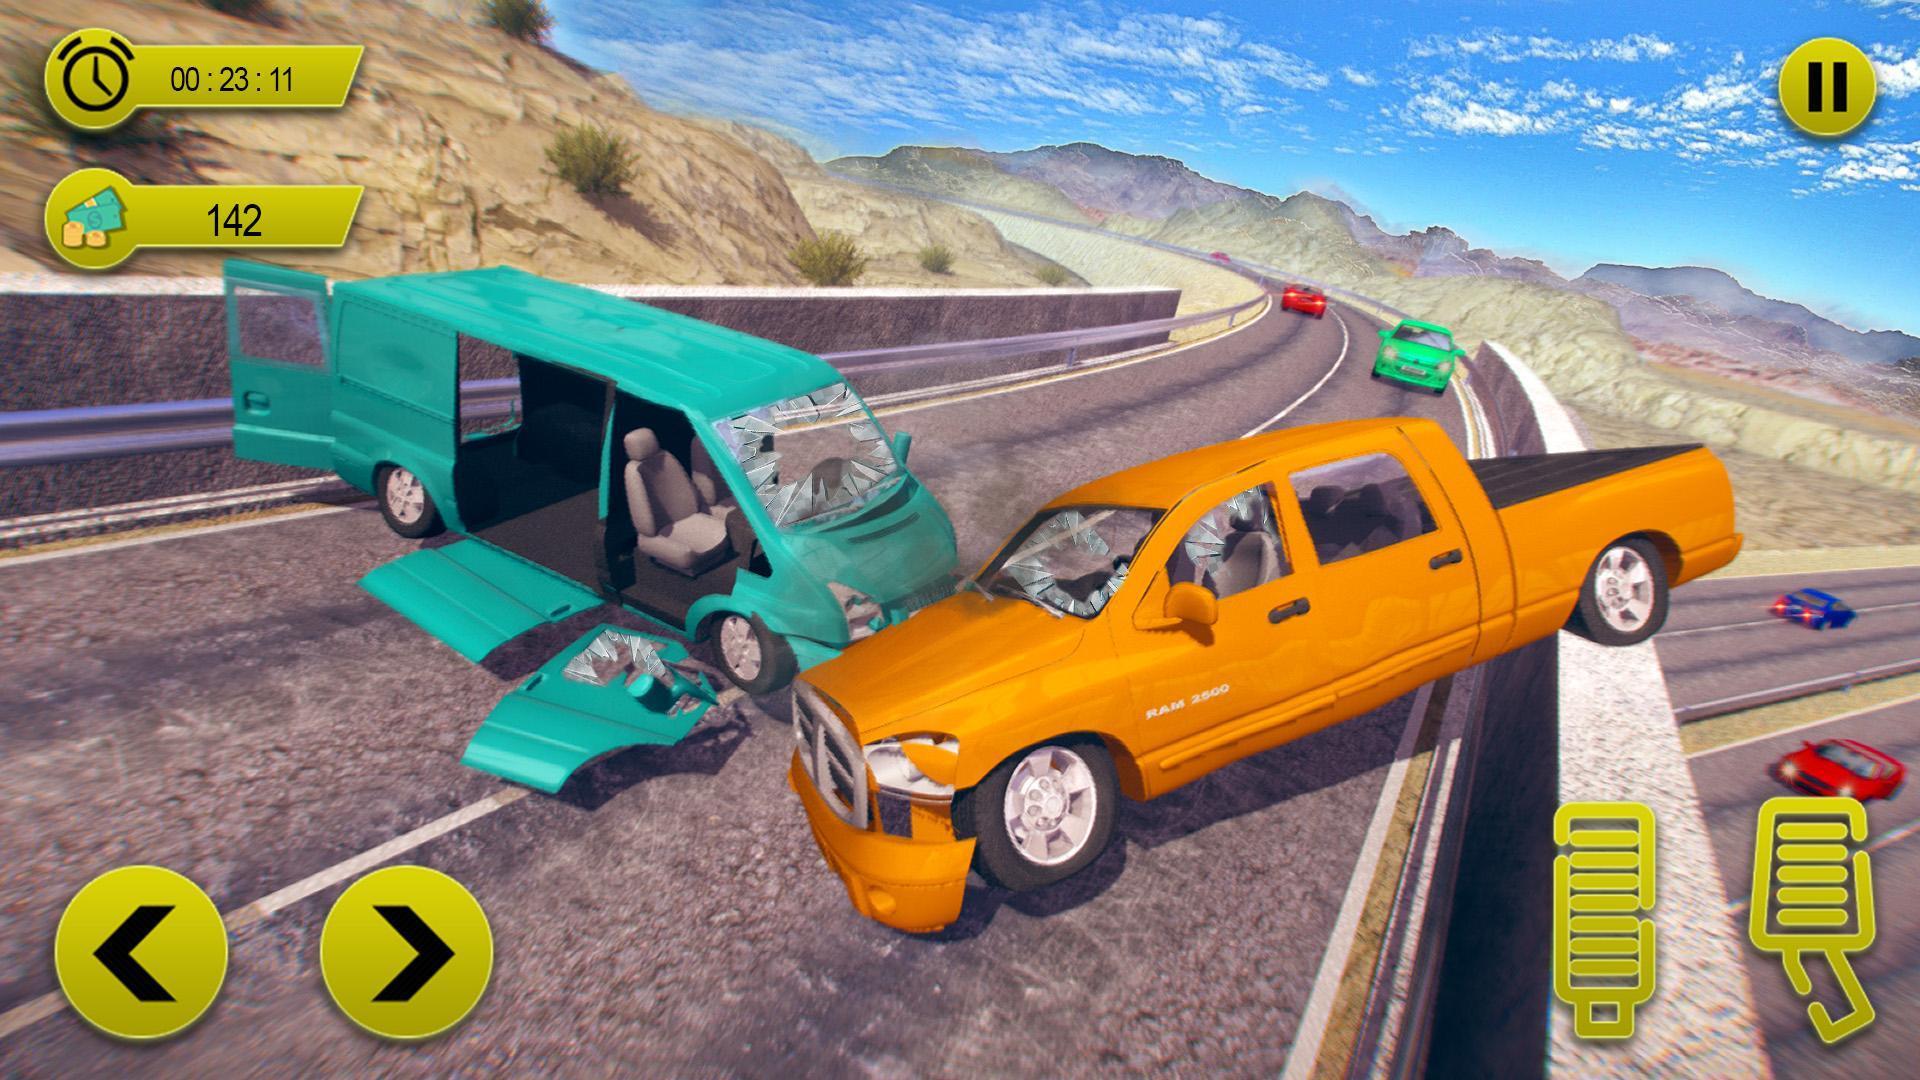 Jeu De Conduite D'accident De Voiture: Sauts De Pour Android serapportantà Jeux De Voiture Accident